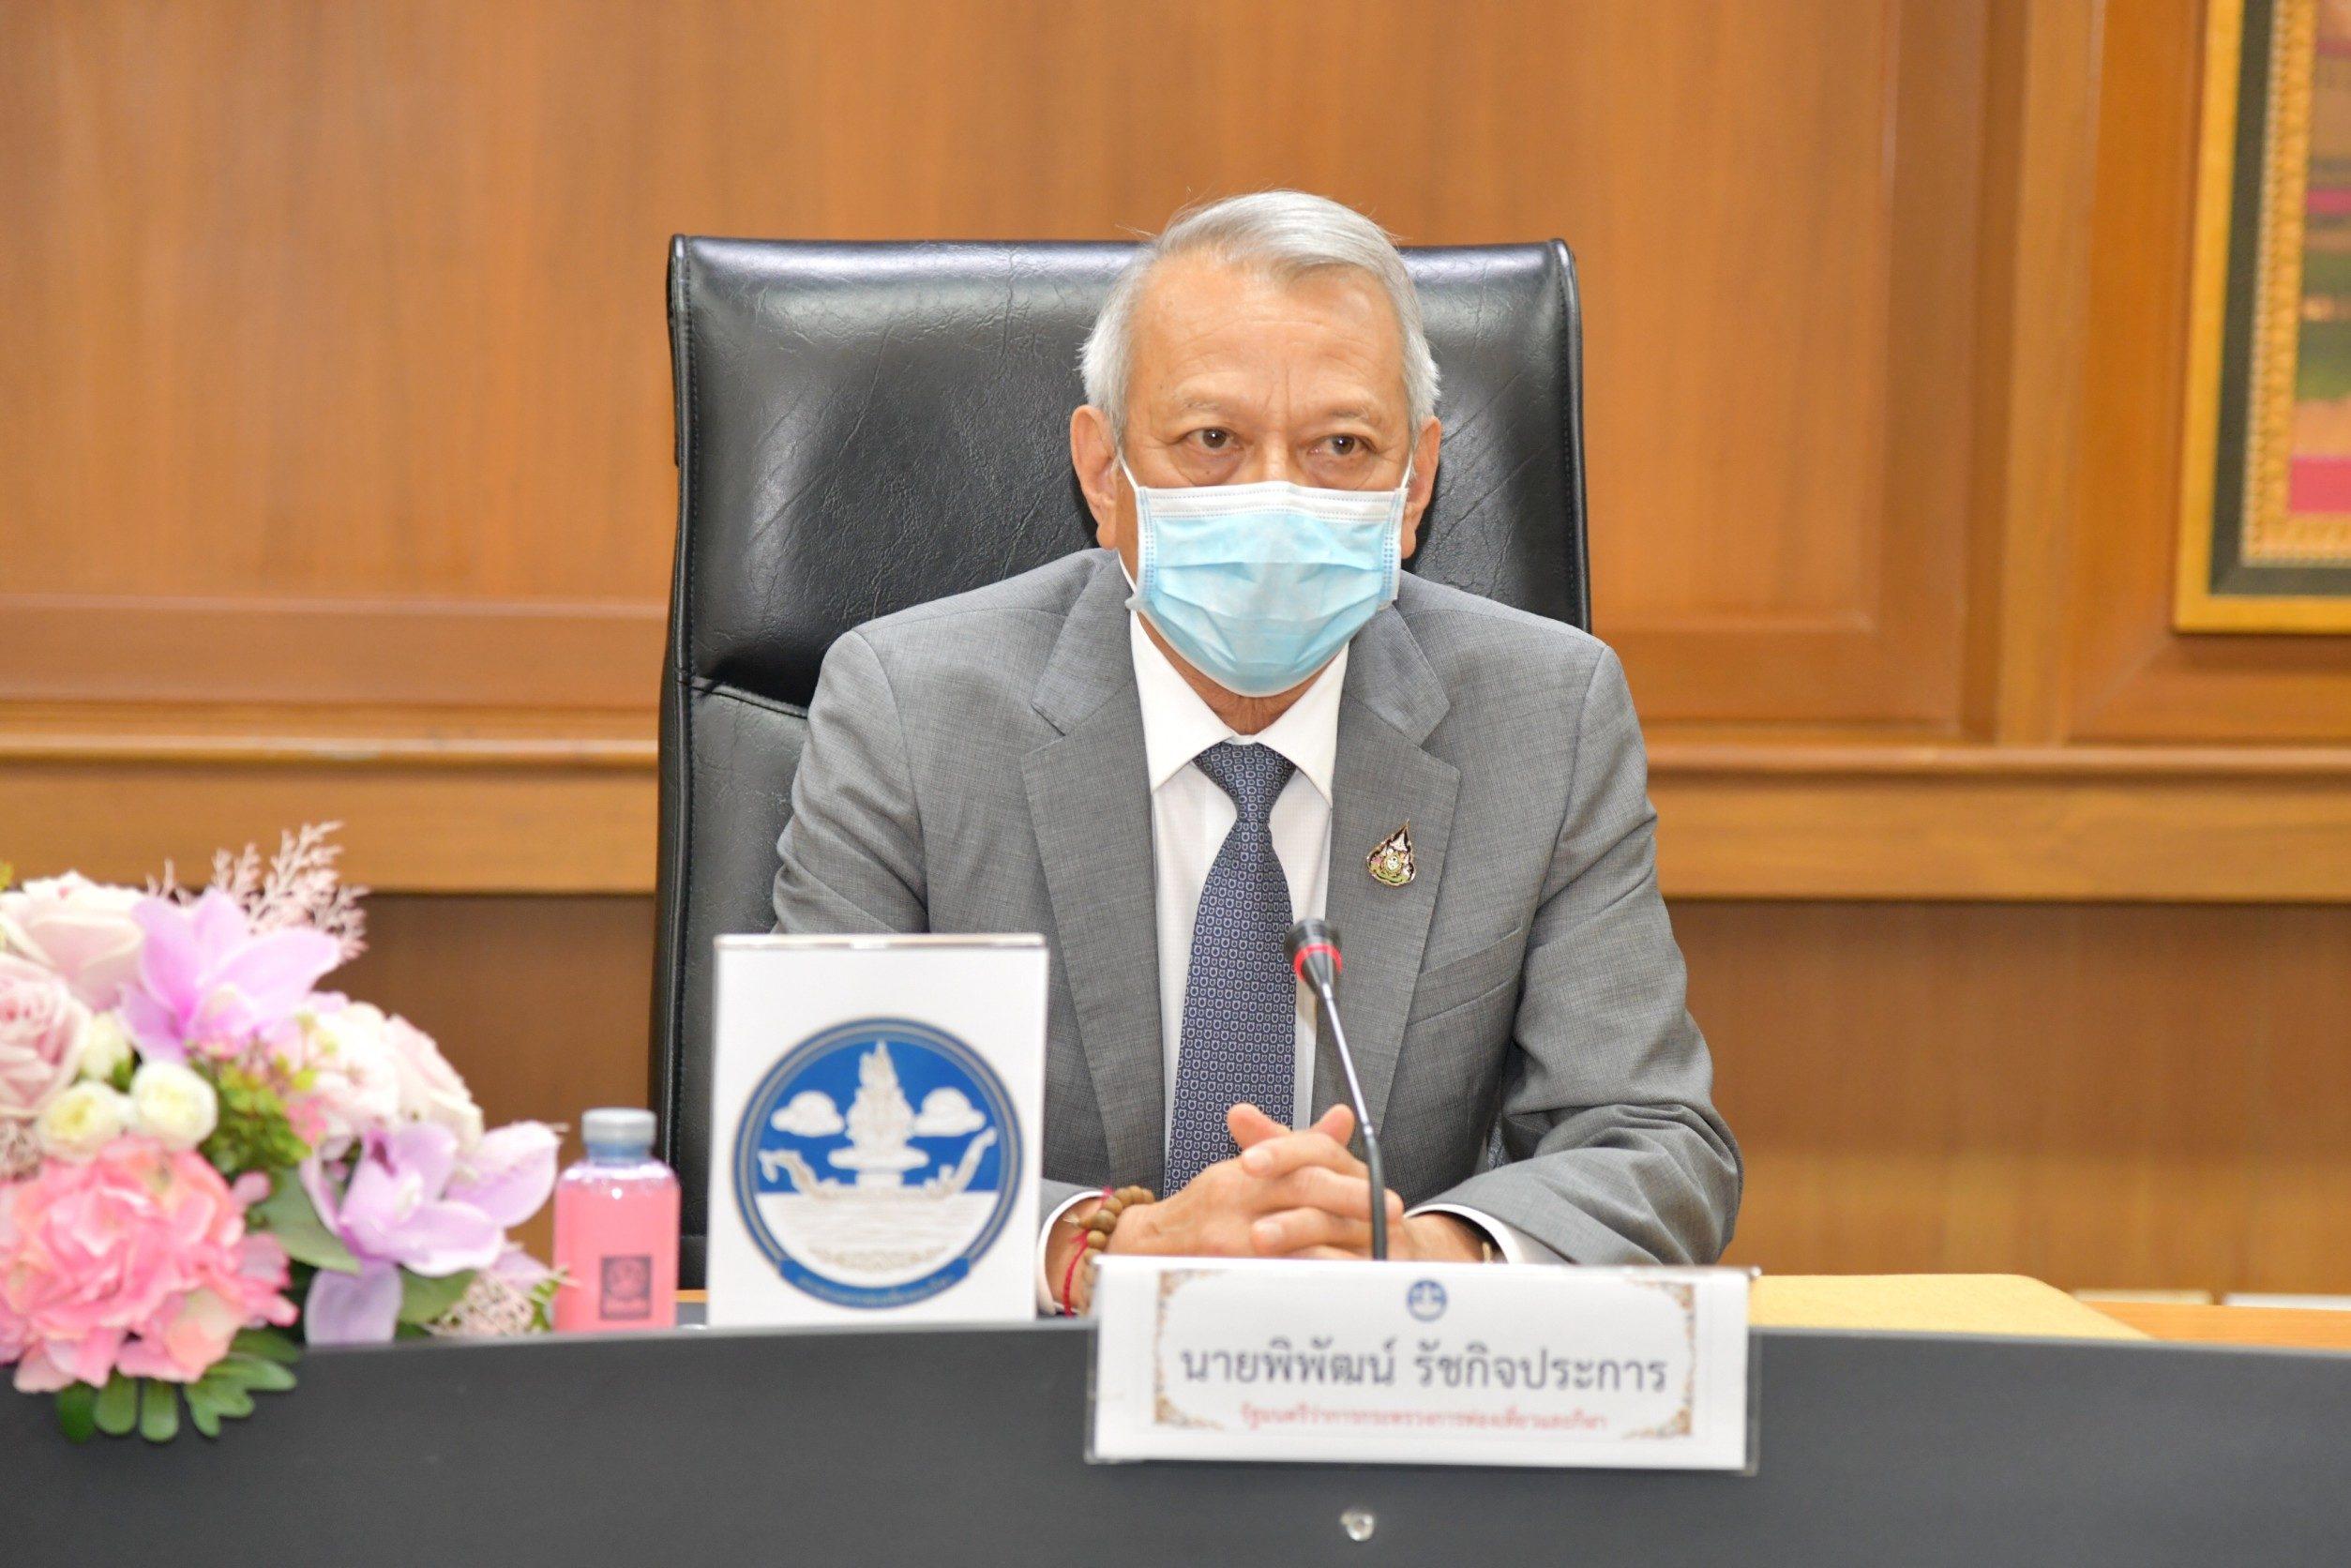 ภาครัฐจับมือเอกชน ฟื้นท่องเที่ยวไทย 'ออมสิน' ปล่อยเงินกู้ดอกเบี้ยต่ำ วงเงิน 10,000 ลบ.